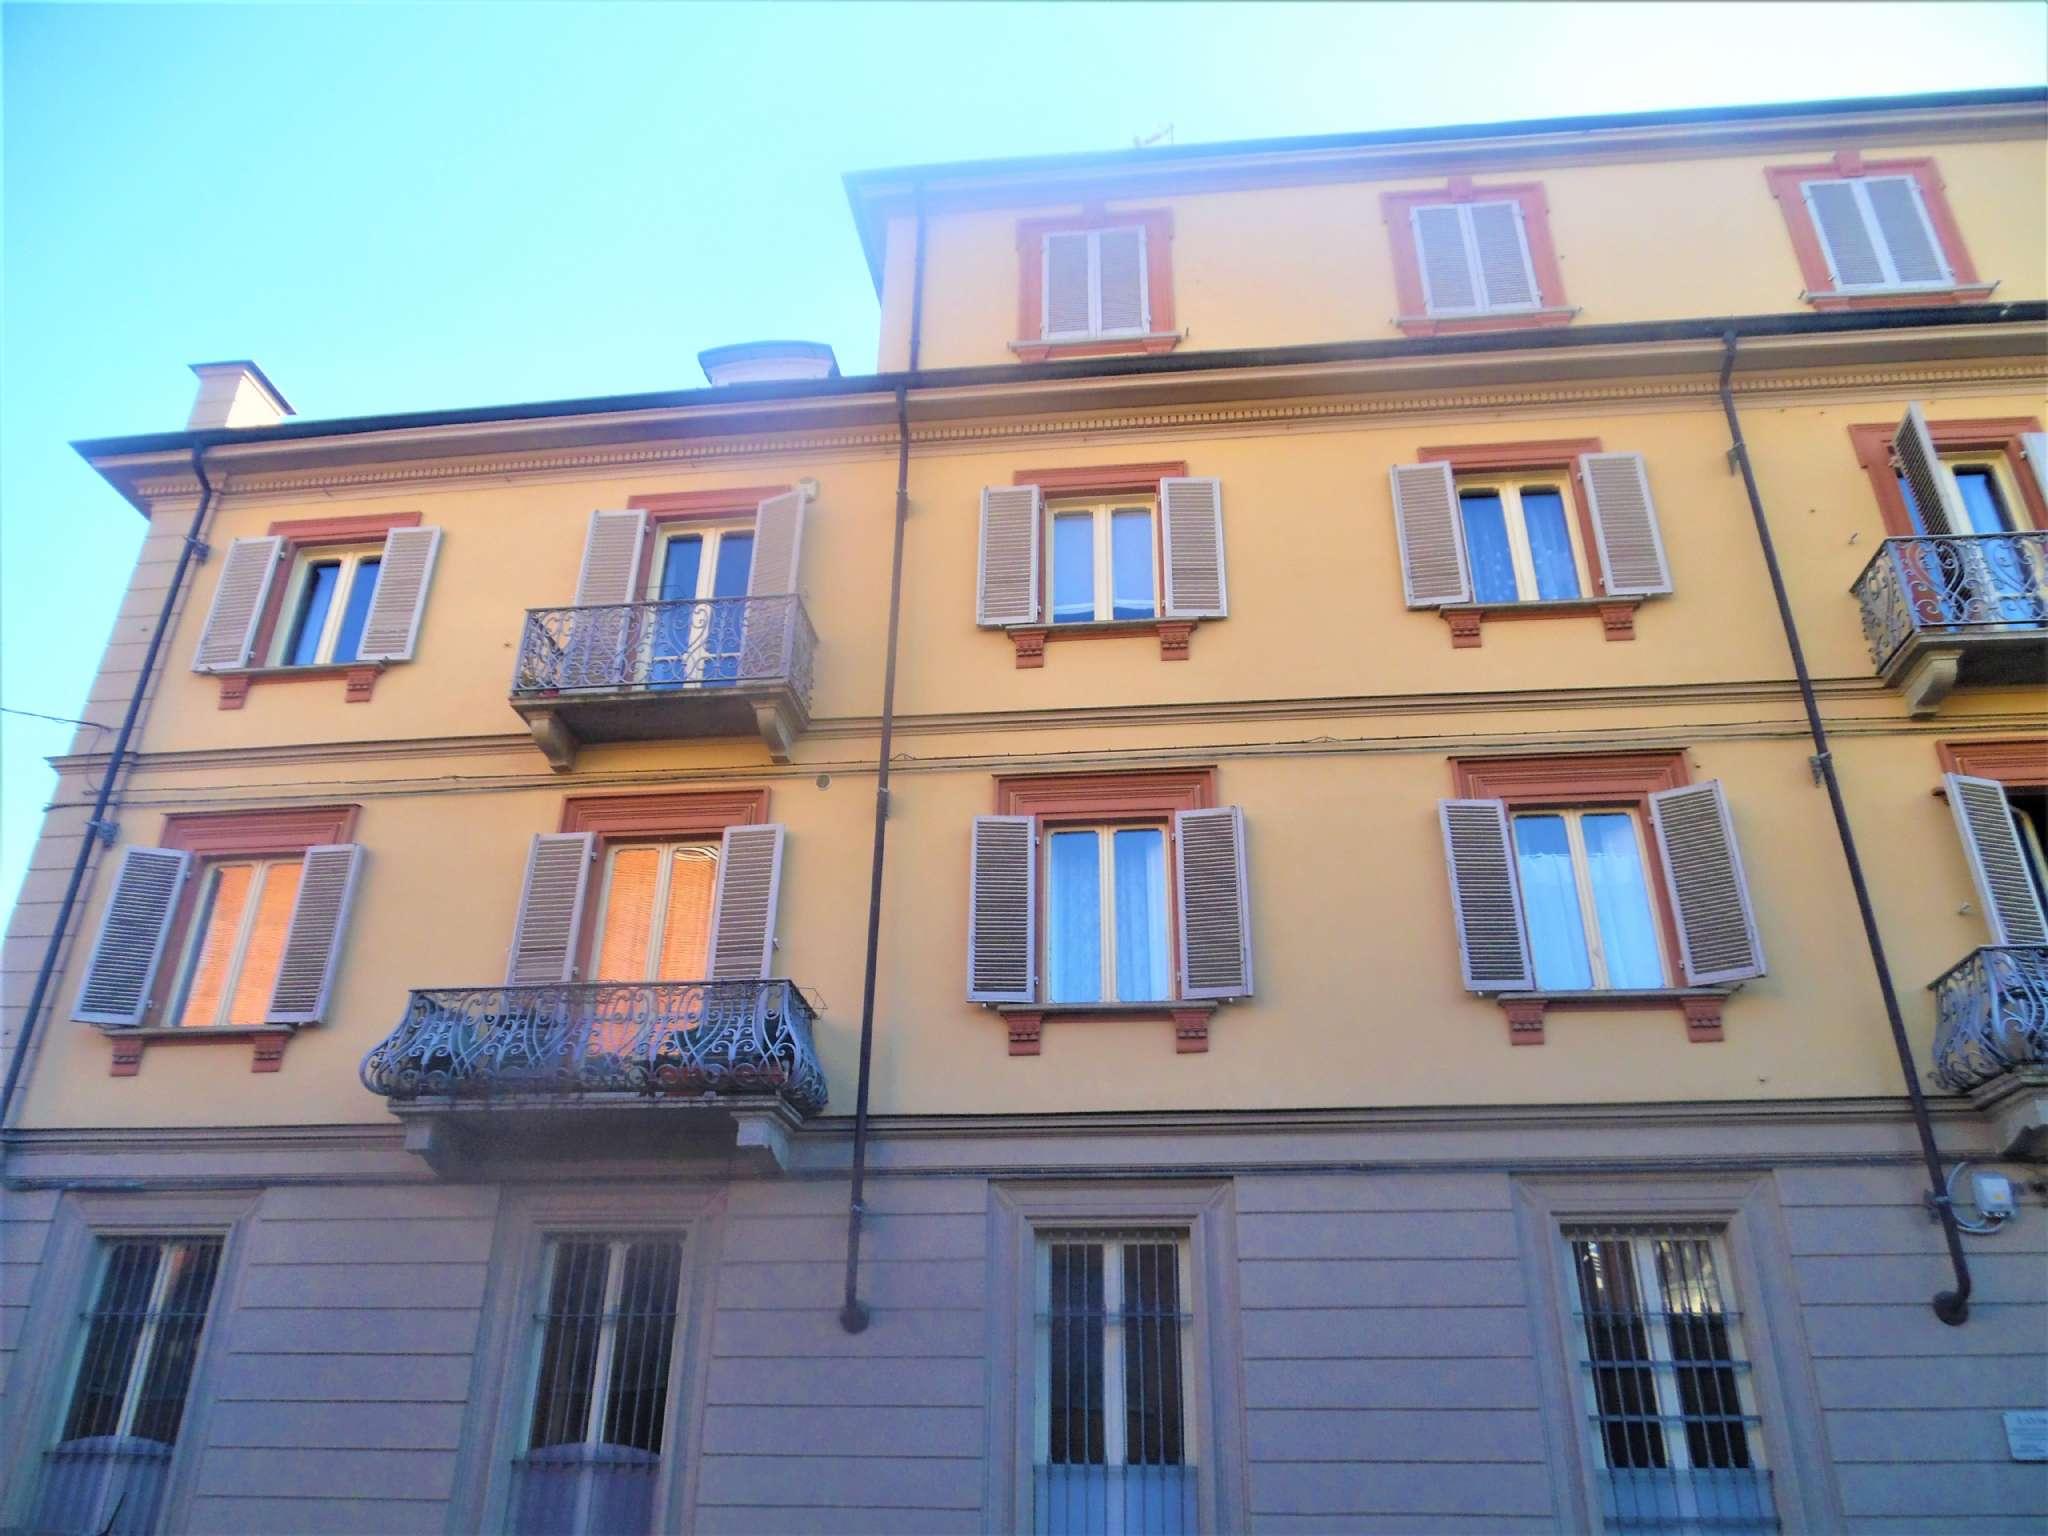 Foto 1 di Monolocale via pinelli  1, Torino (zona Cit Turin, San Donato, Campidoglio)